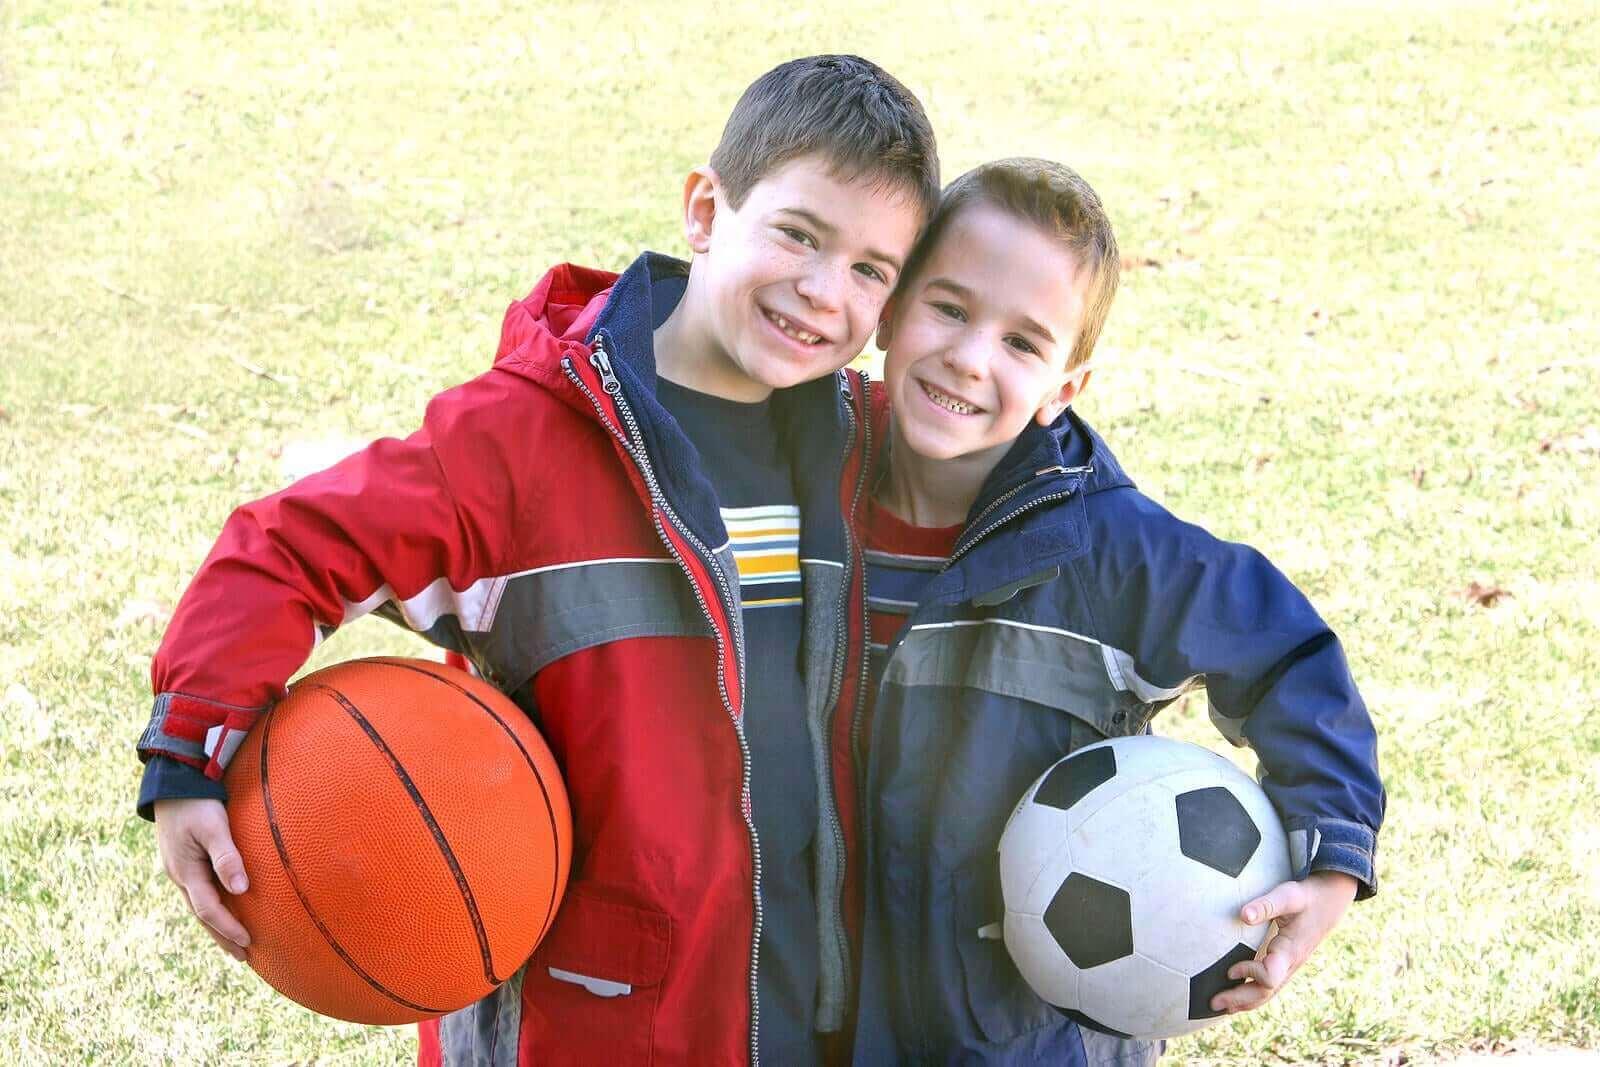 Mitkä ovat parhaat urheilulajit lapselle?